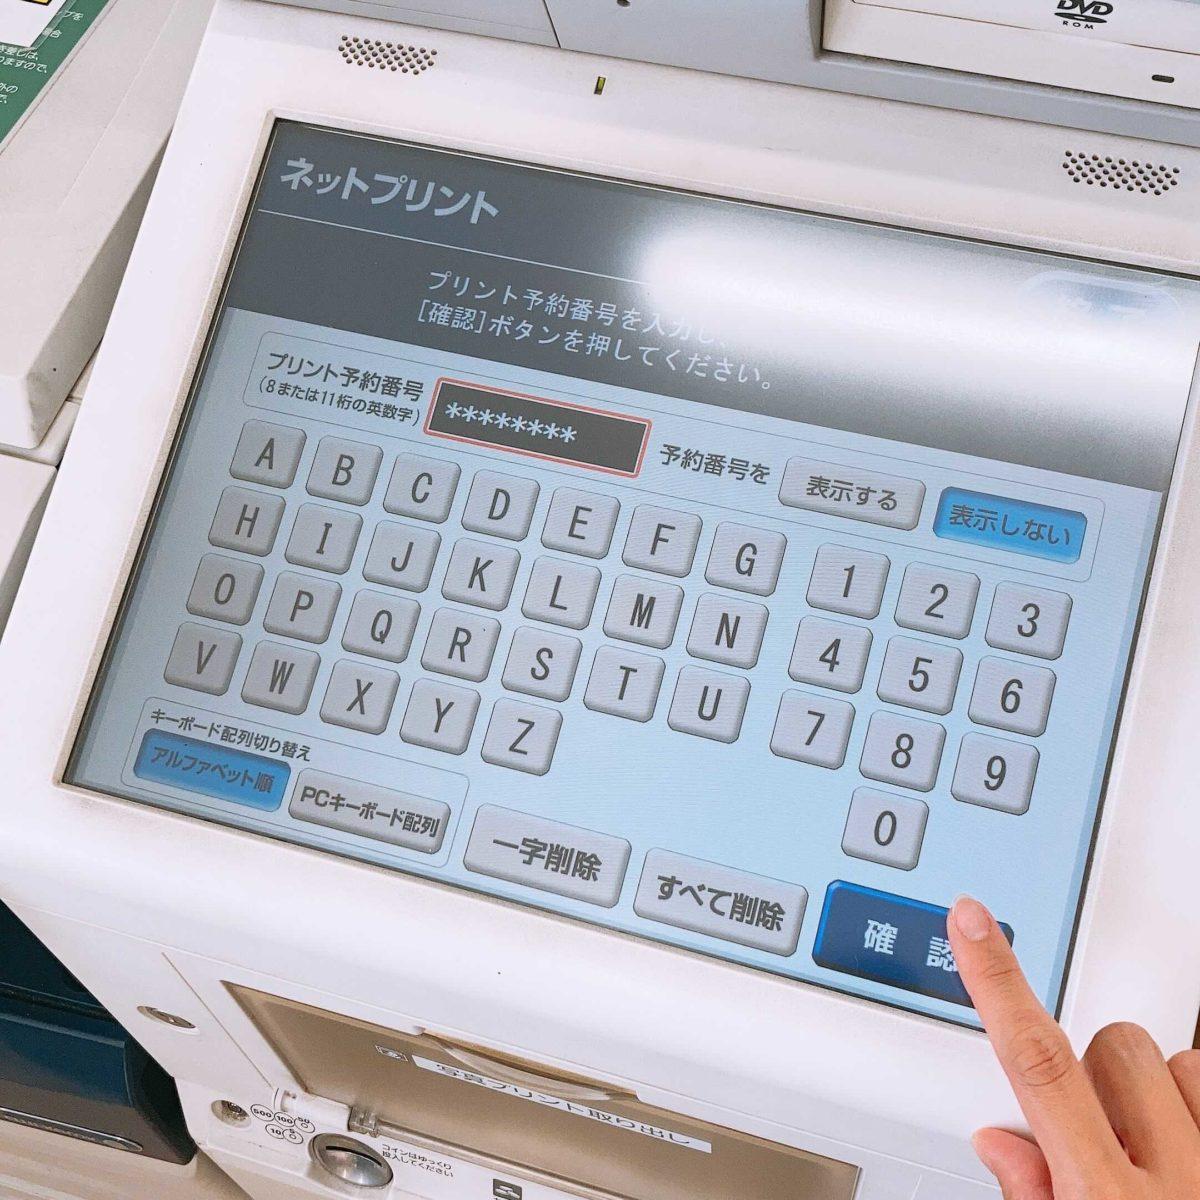 セブン‐イレブンで簡単!コンビニ印刷の手順【コンビニプリント活用術】